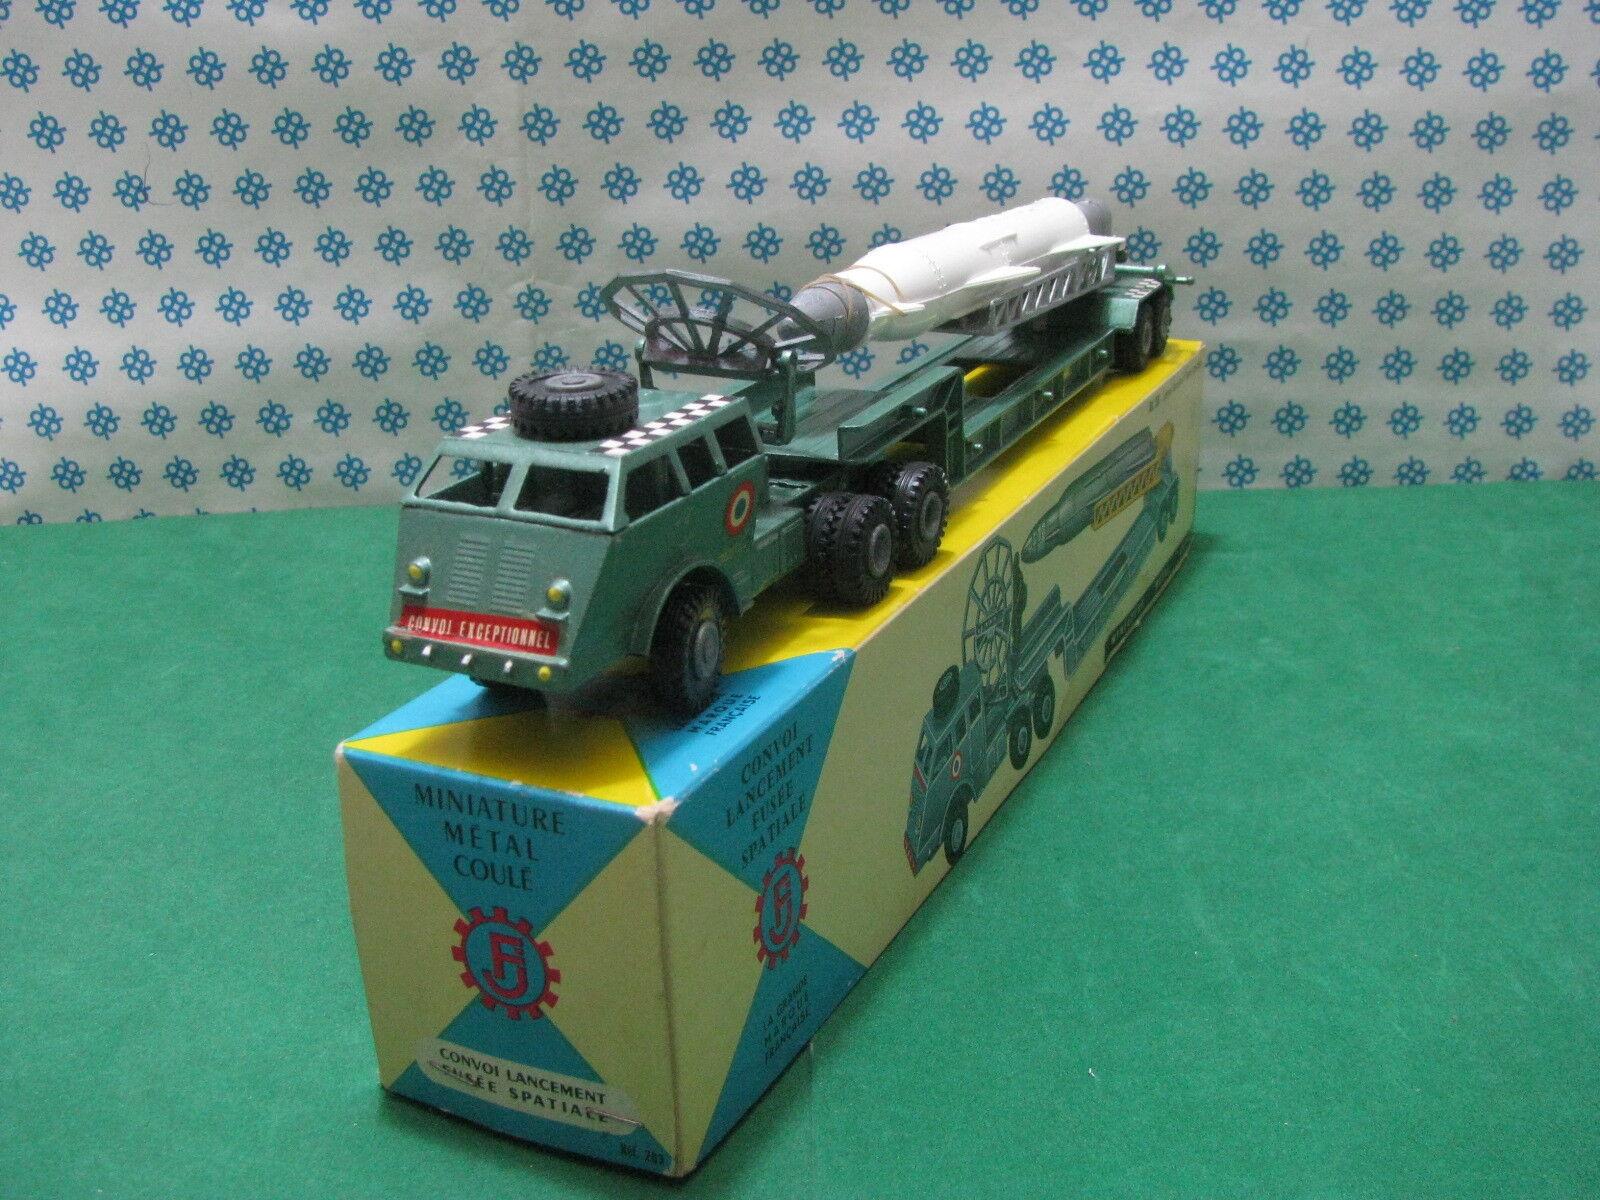 Rare - Tracteur PACIFIC CocheS & FOUNDRY  Convoi Lancement fusèe -  FJ Ref. 203